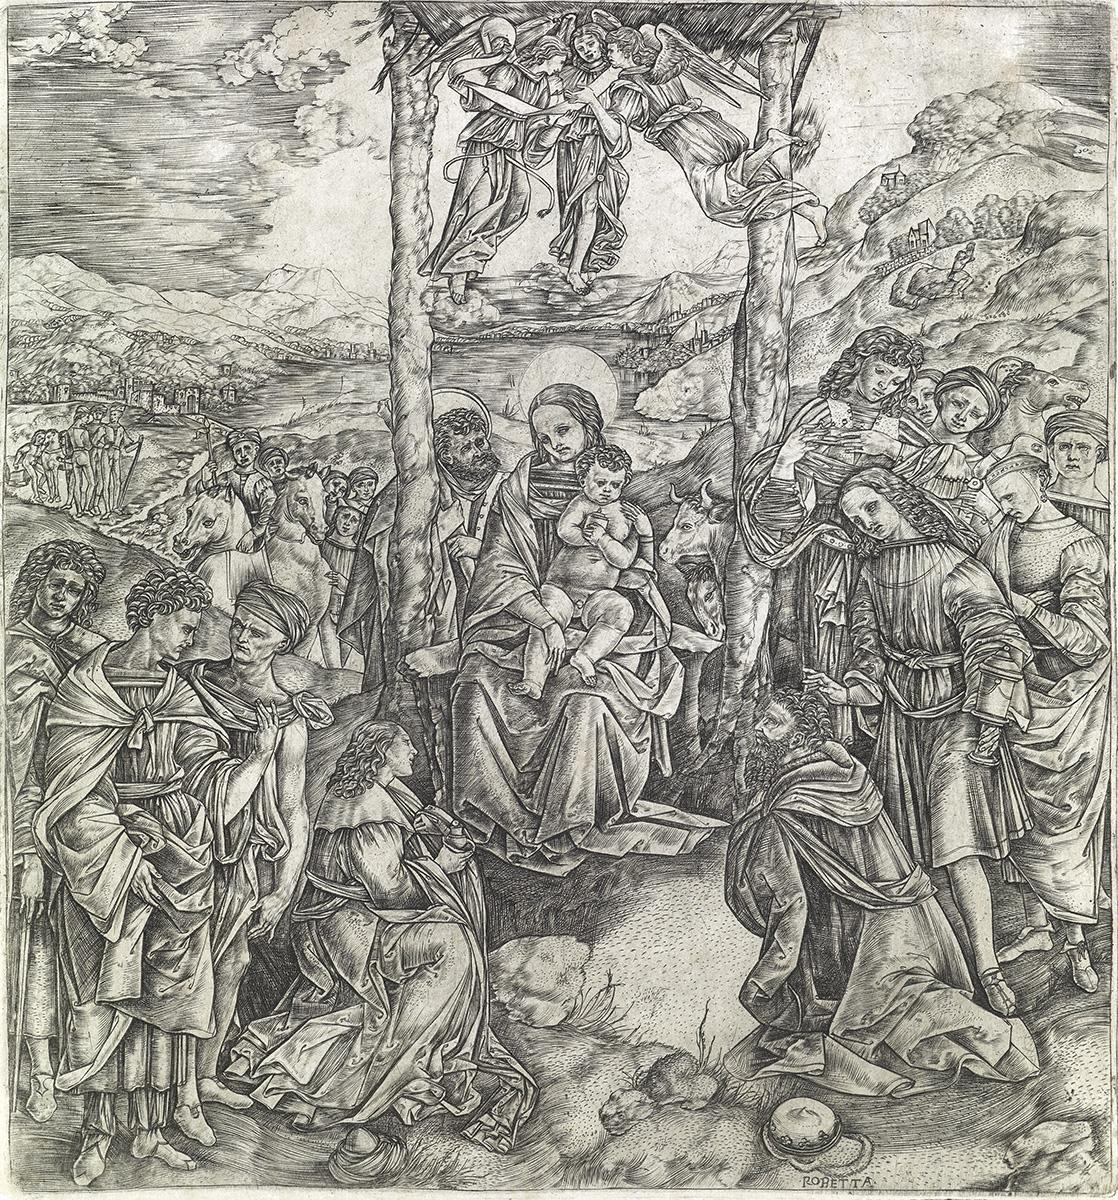 CRISTOFANO-DI-MICHELE-MARTINI-IL-ROBETTA-The-Adoration-of-the-Magi